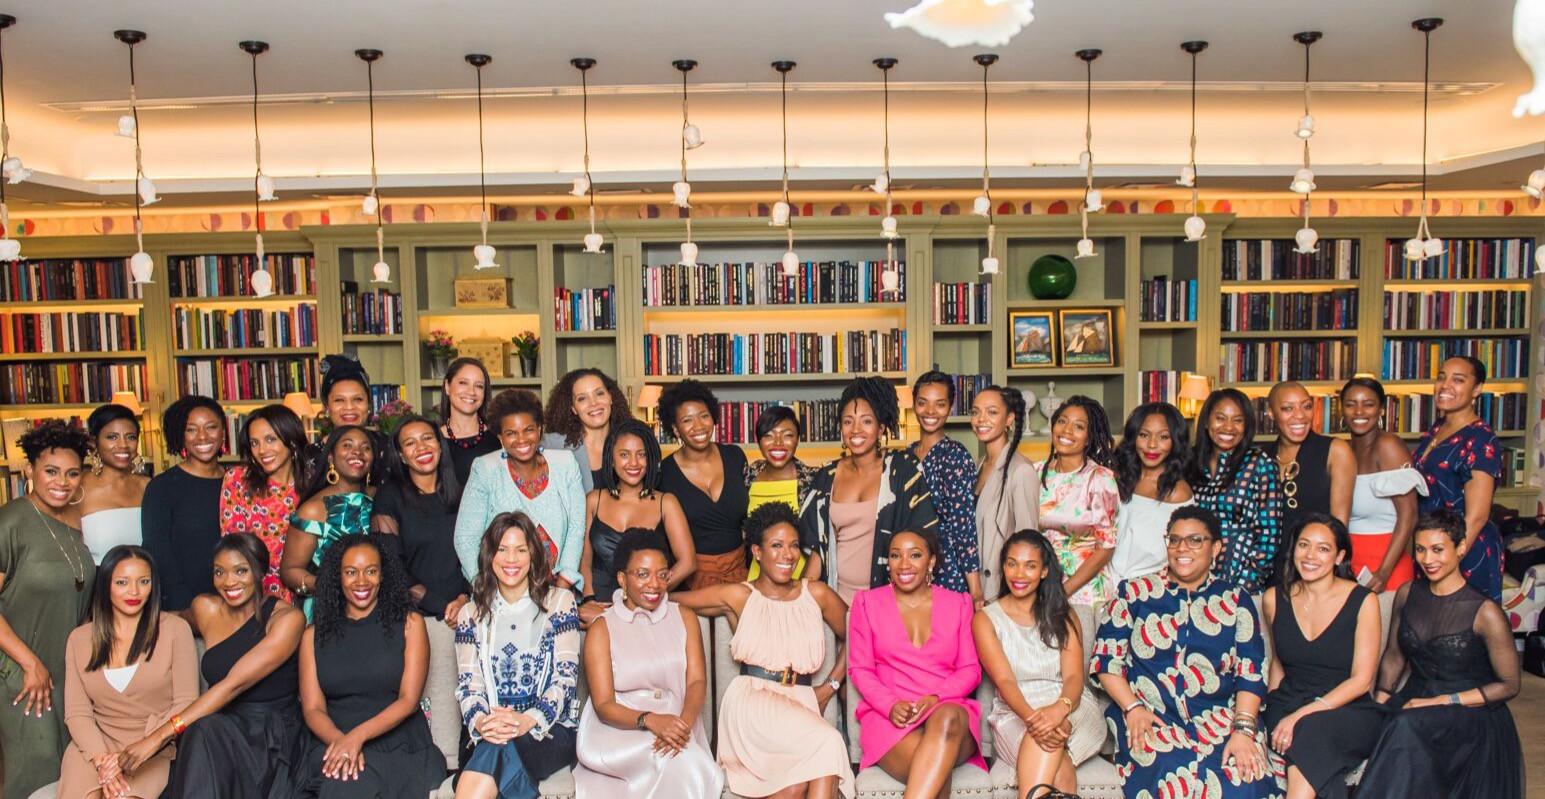 25 Black Women in Beauty New York